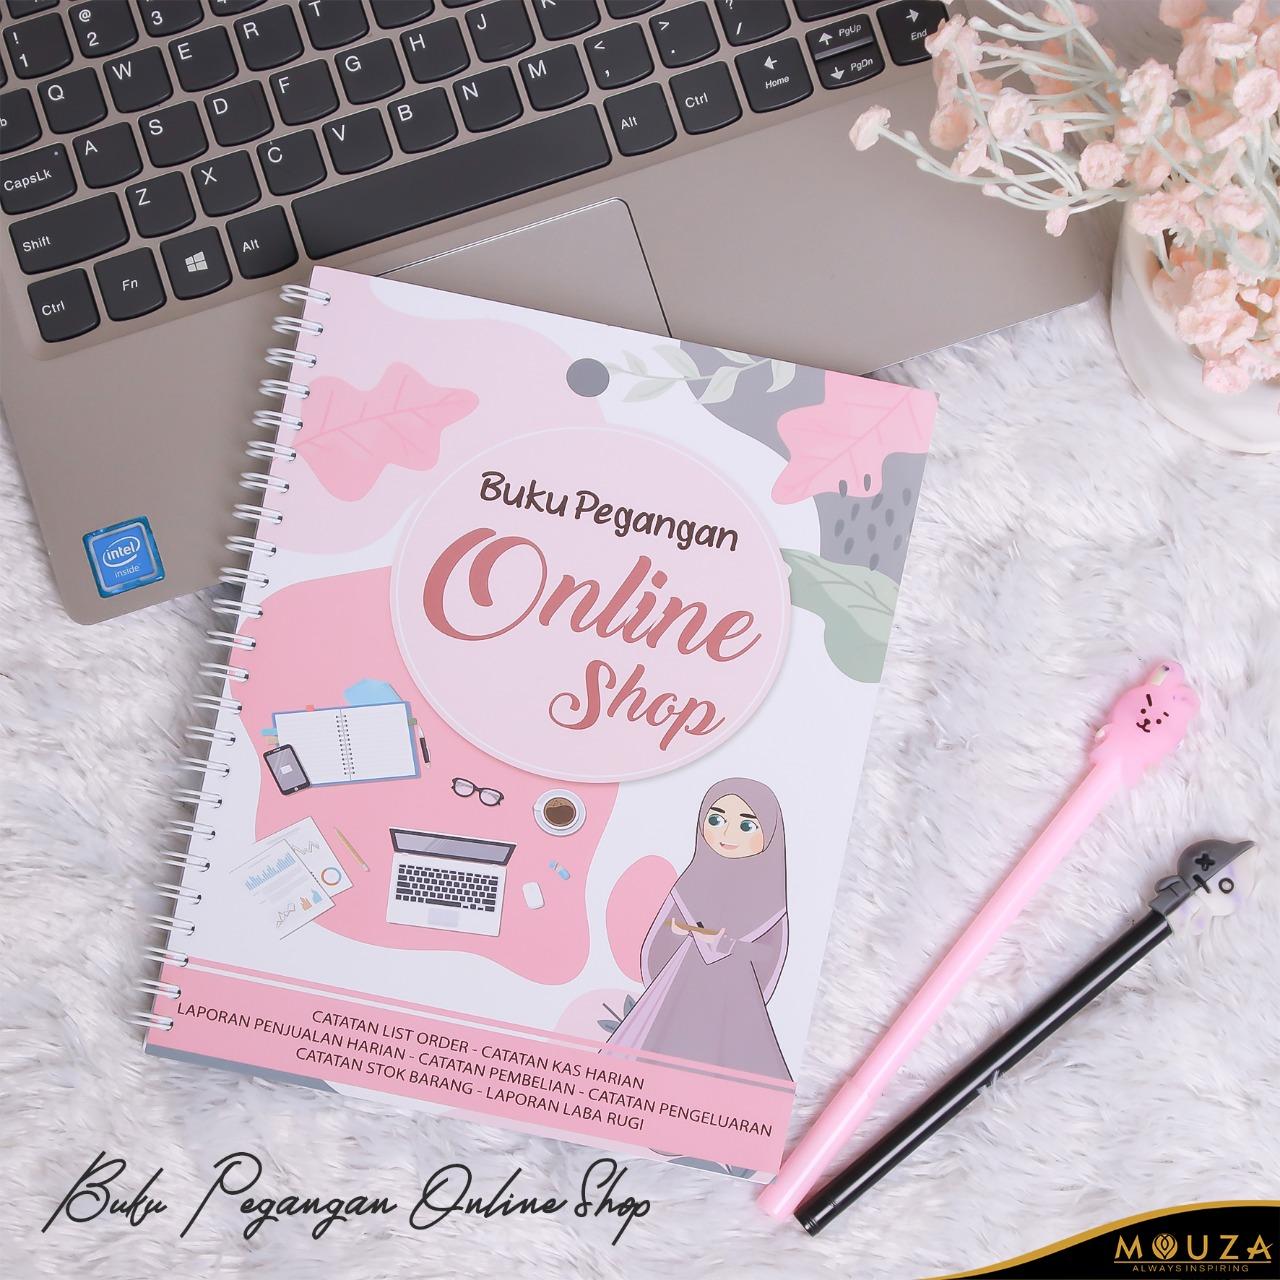 Buku Pegangan Online Shop